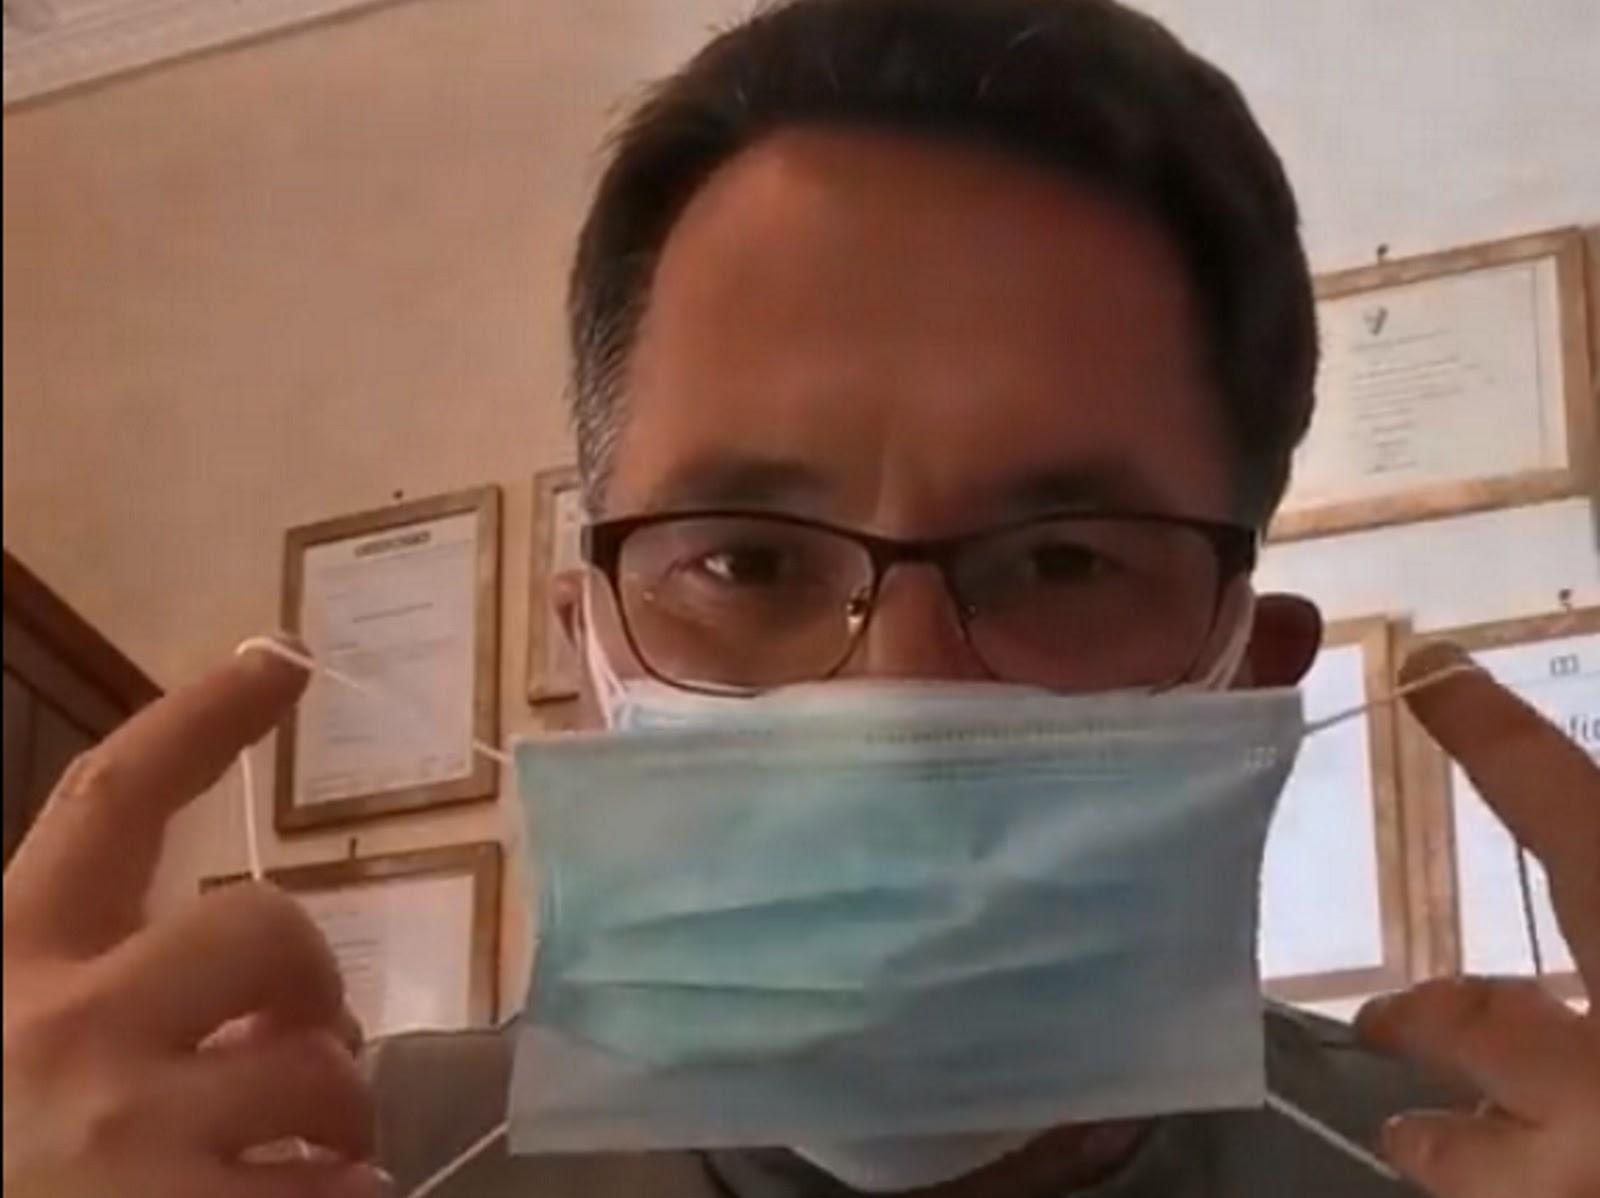 Καρδιολόγος φοράει 7 μάσκες και αναπνέει χωρίς πρόβλημα